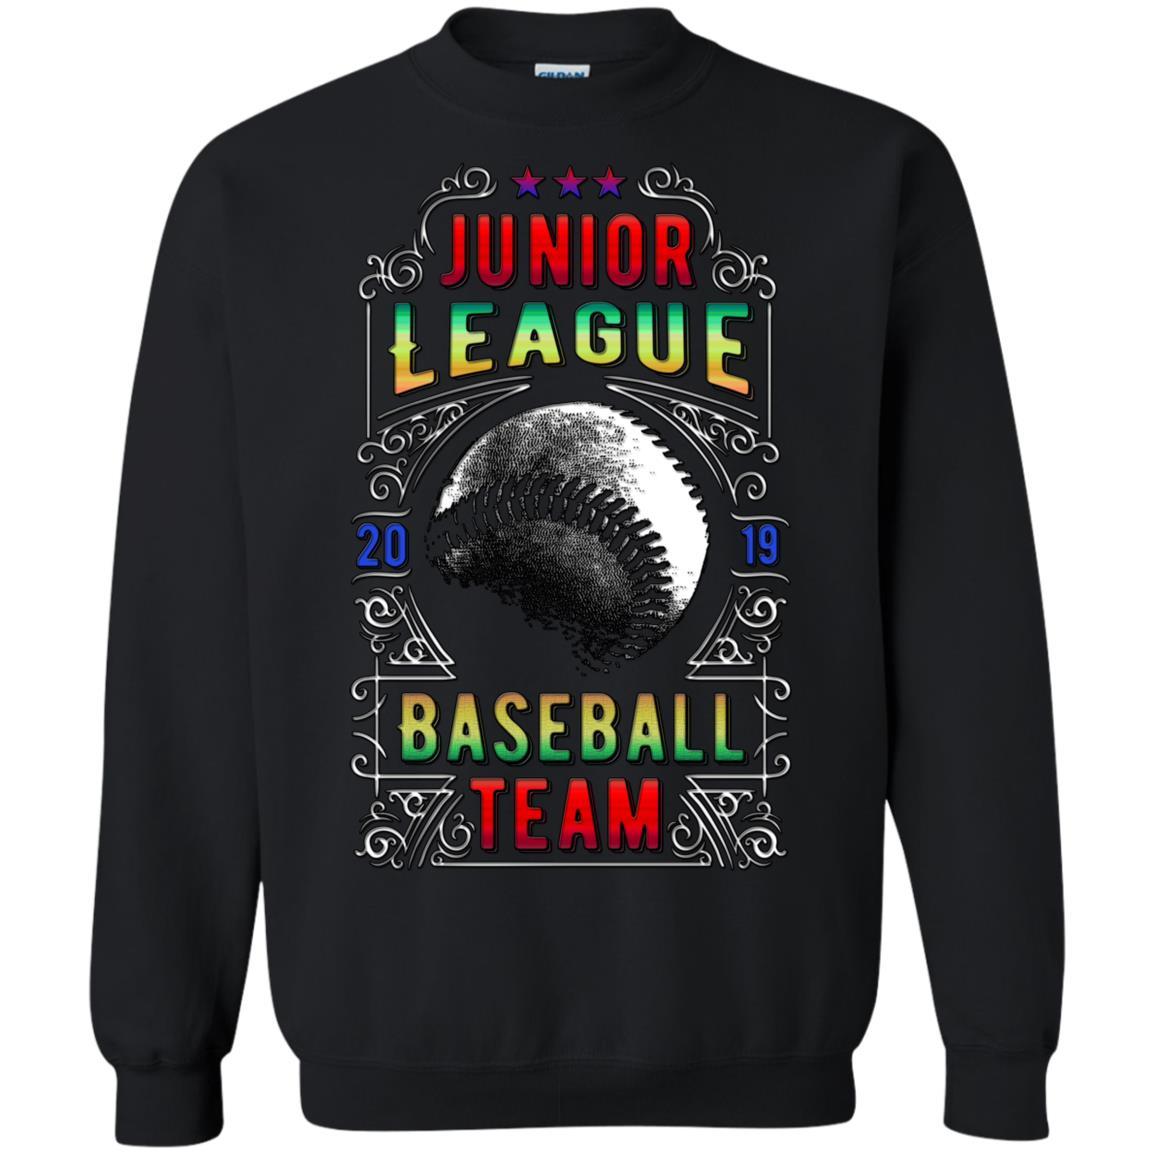 Junior League Gildan Crewneck Pullover Sweatshirt